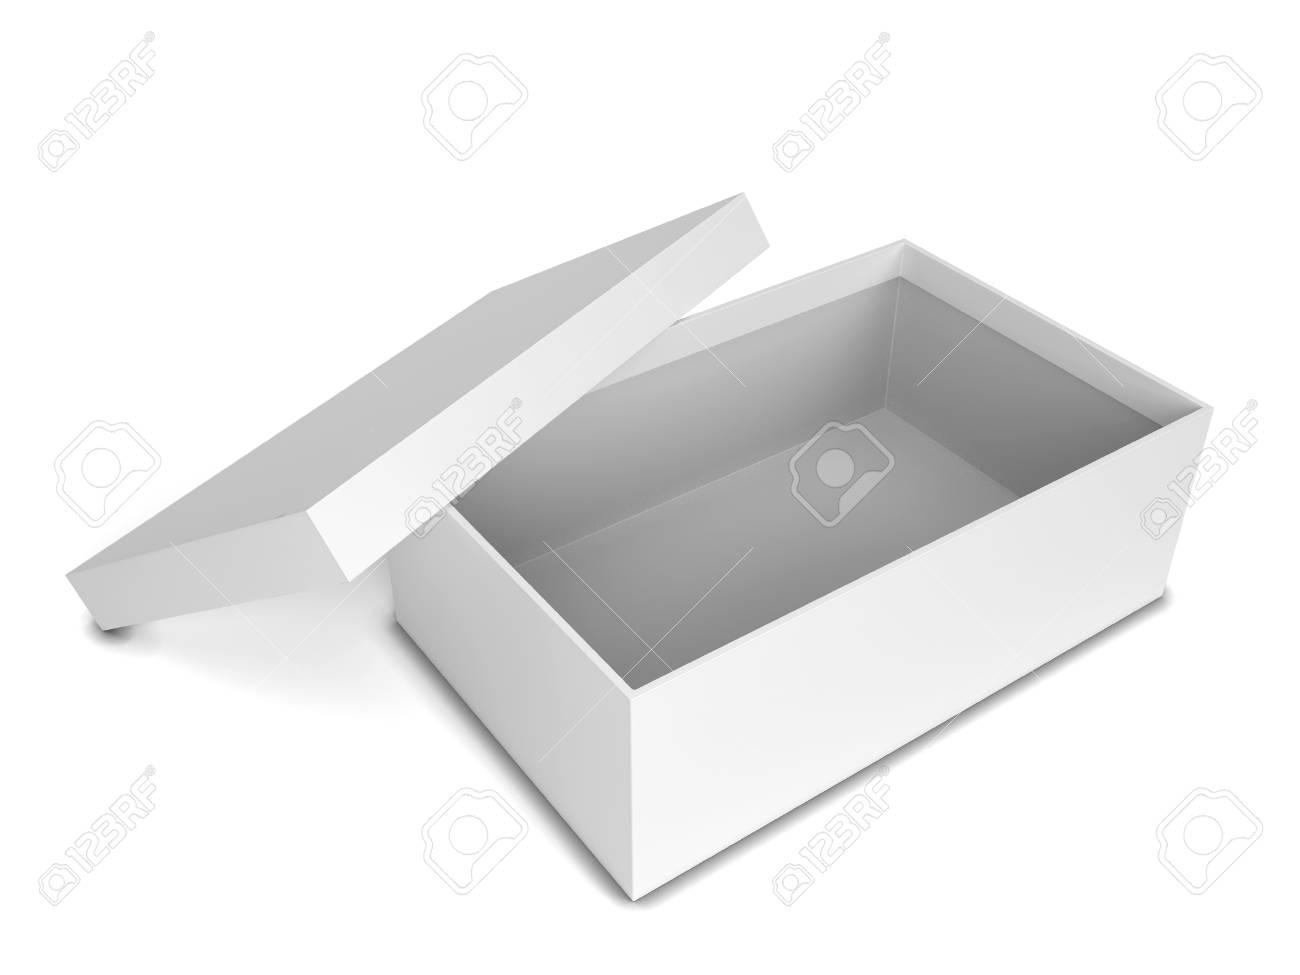 boîte à chaussures 3d illustration isolé sur blanc fond banque d